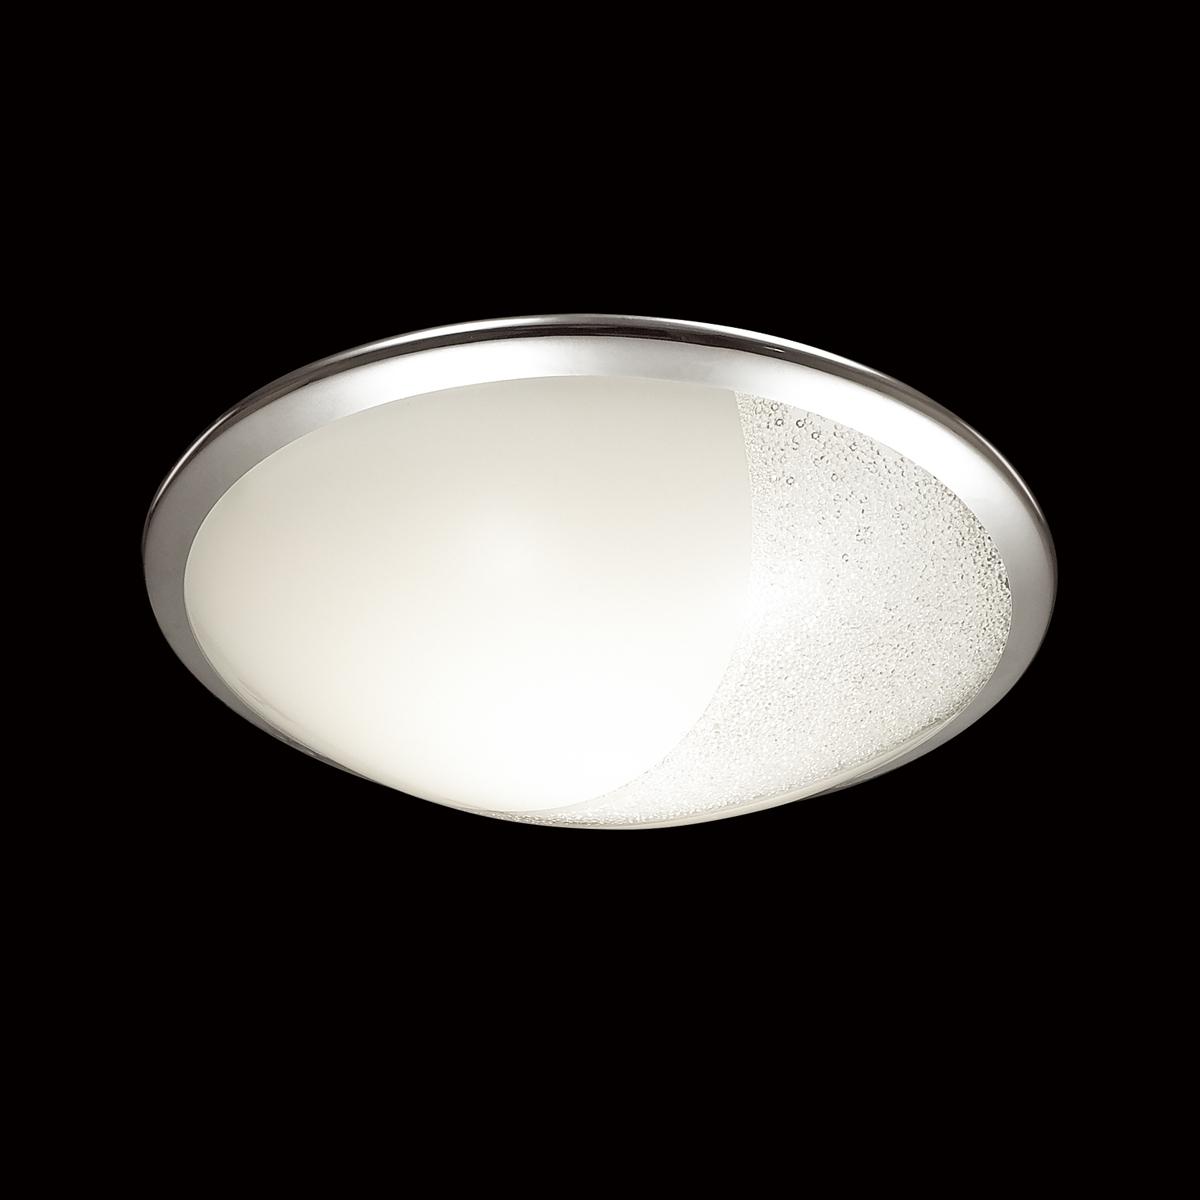 Потолочный светодиодный светильник Sonex Keza 2063/DL, LED 48W, хром, матовый, прозрачный, металл, стекло - фото 4